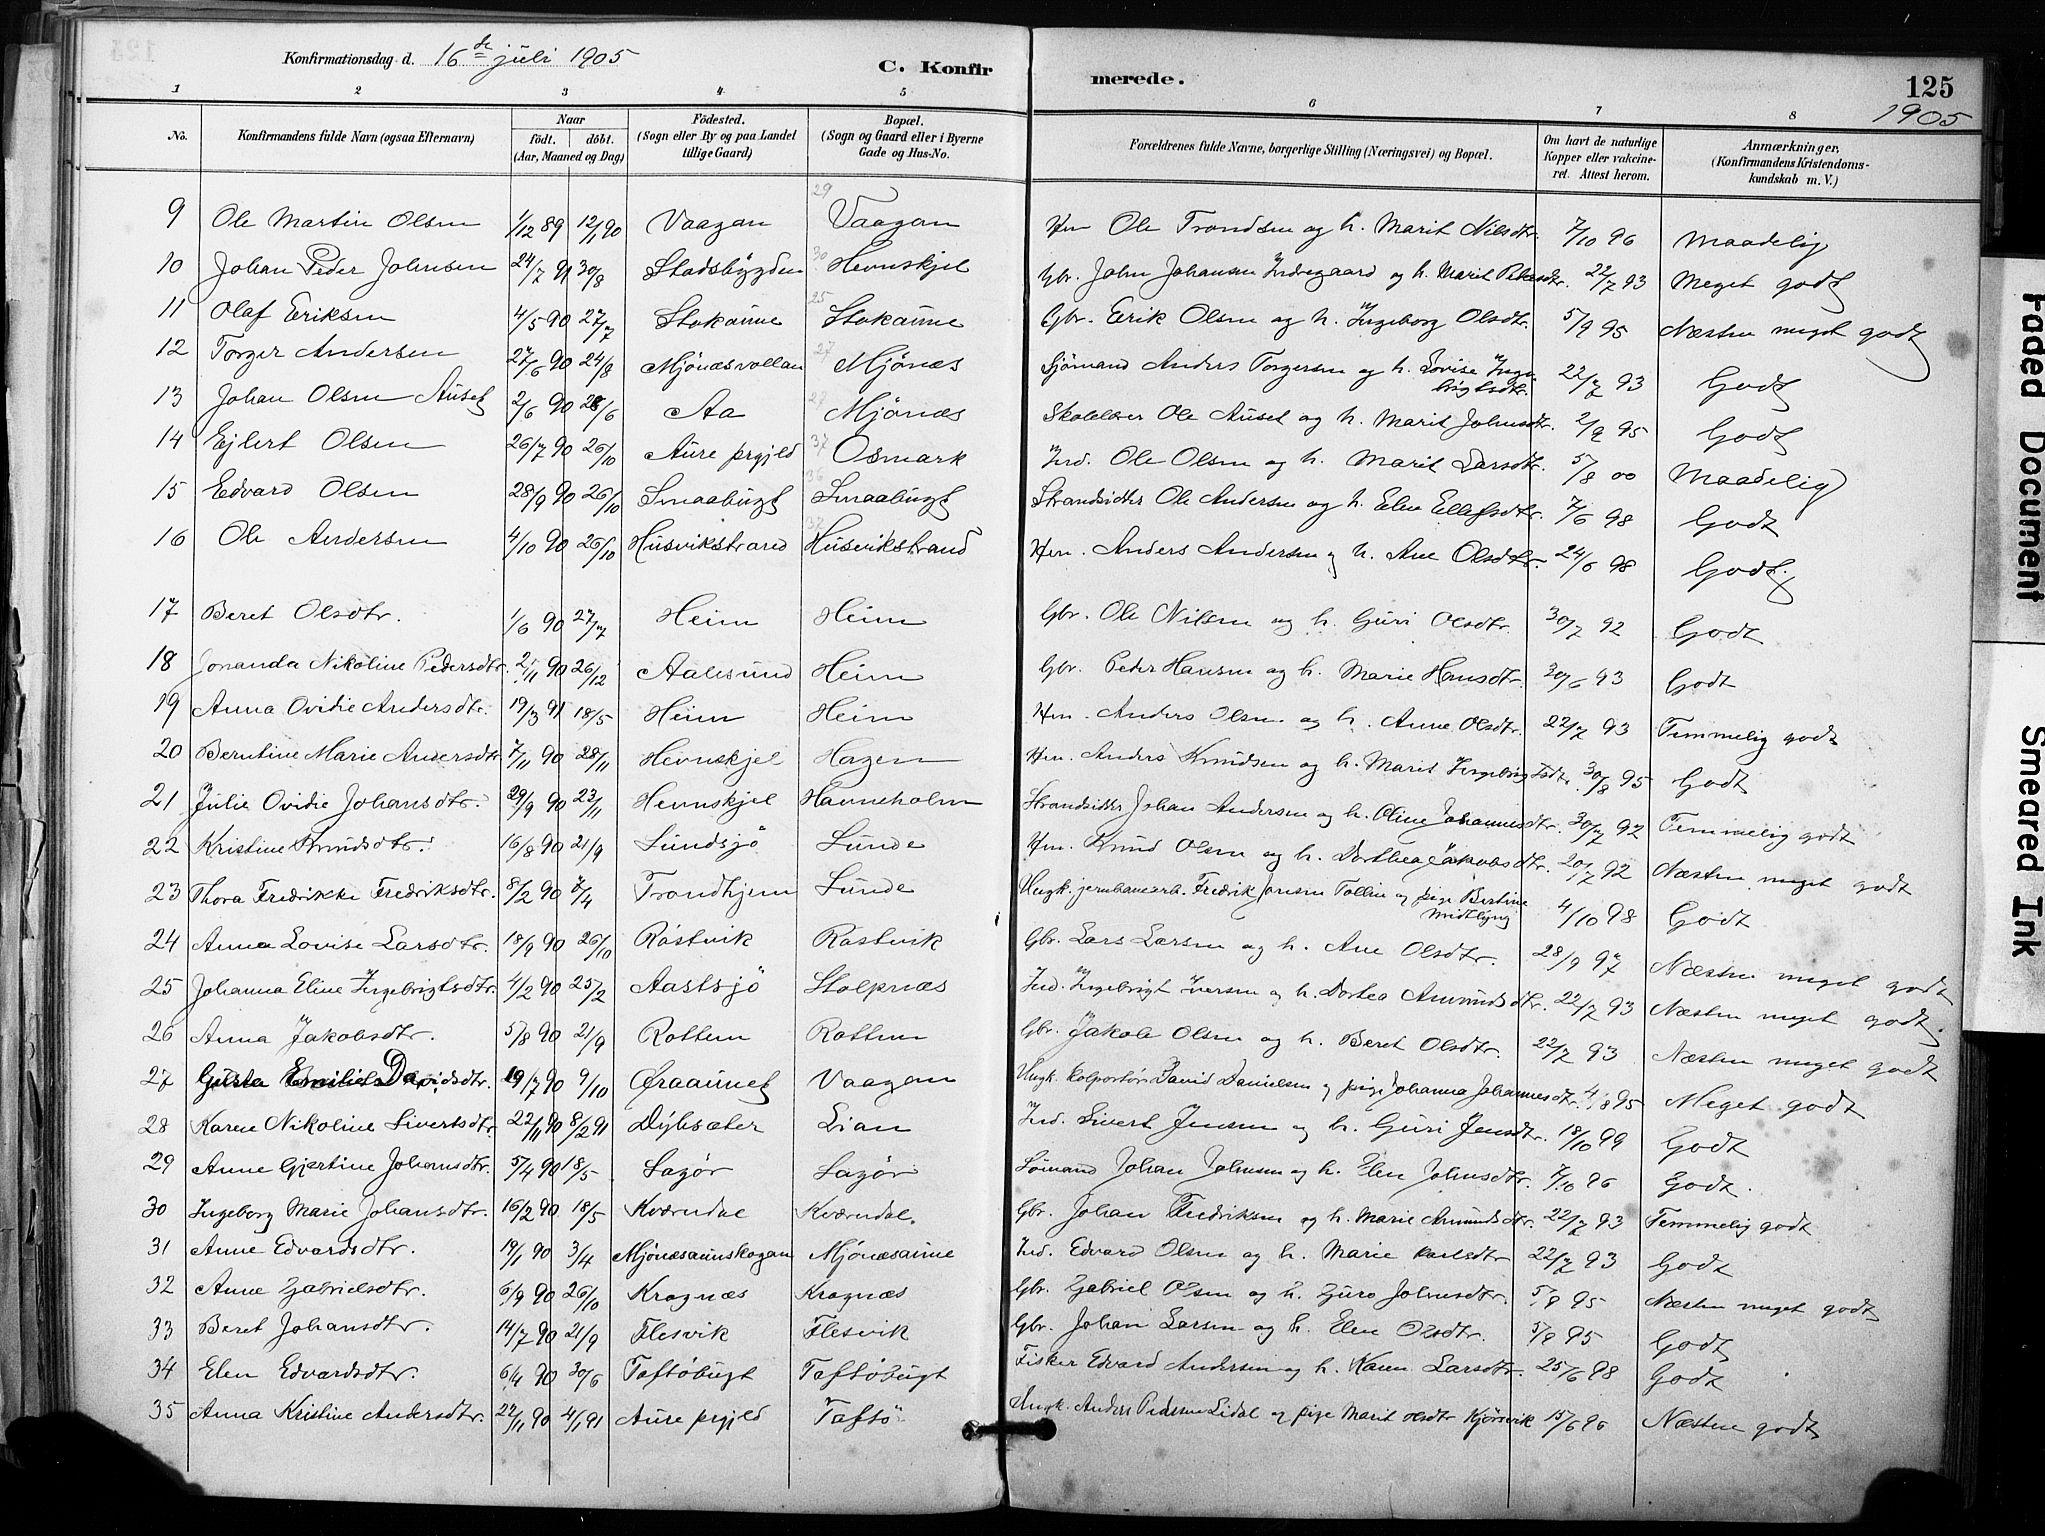 SAT, Ministerialprotokoller, klokkerbøker og fødselsregistre - Sør-Trøndelag, 633/L0518: Ministerialbok nr. 633A01, 1884-1906, s. 125